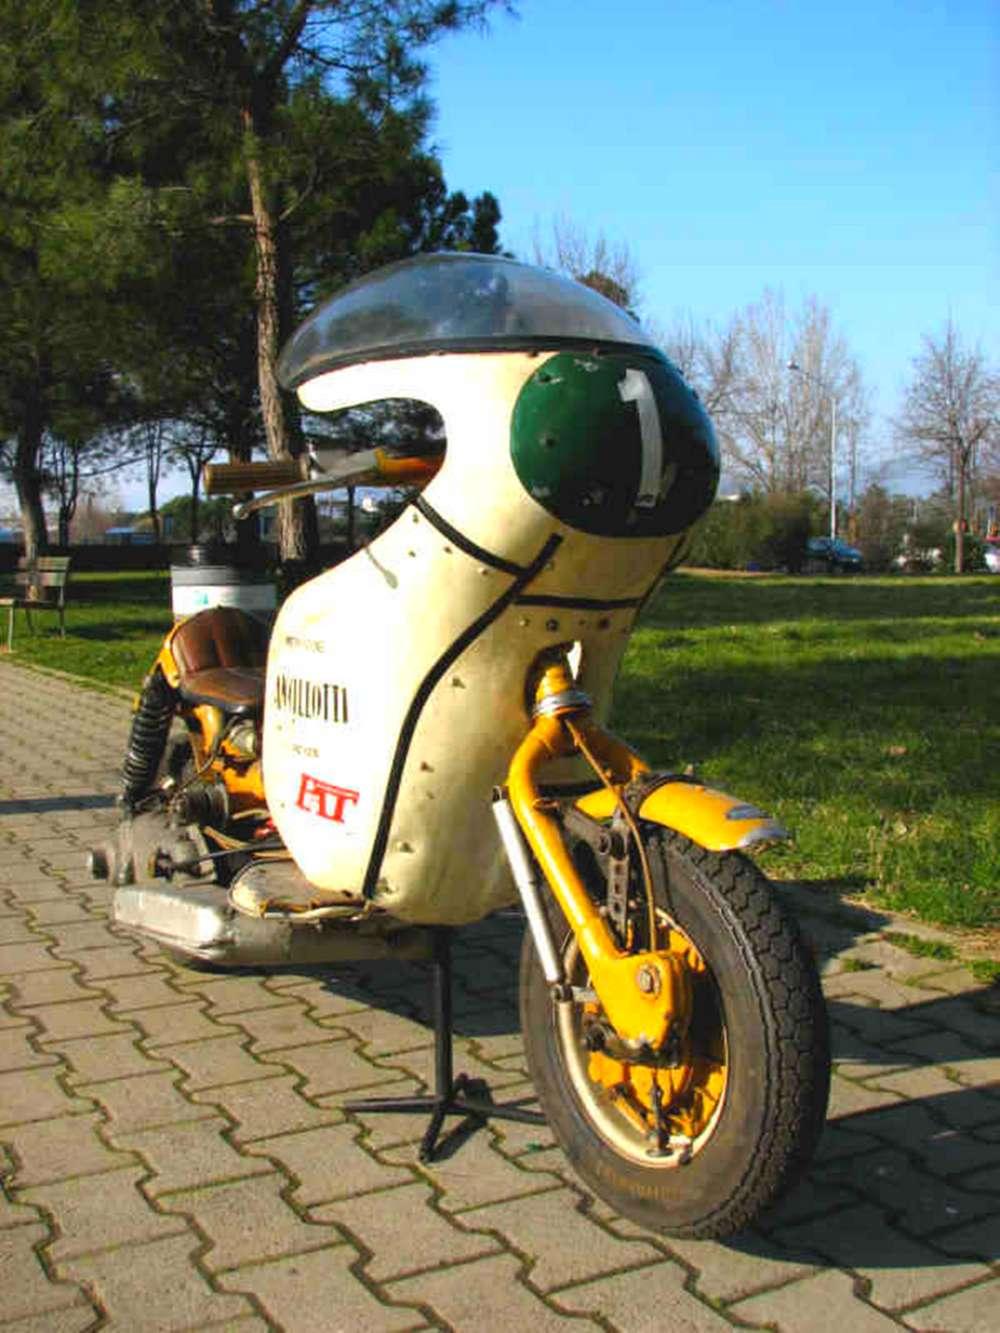 Ancillotti Lambretta 8